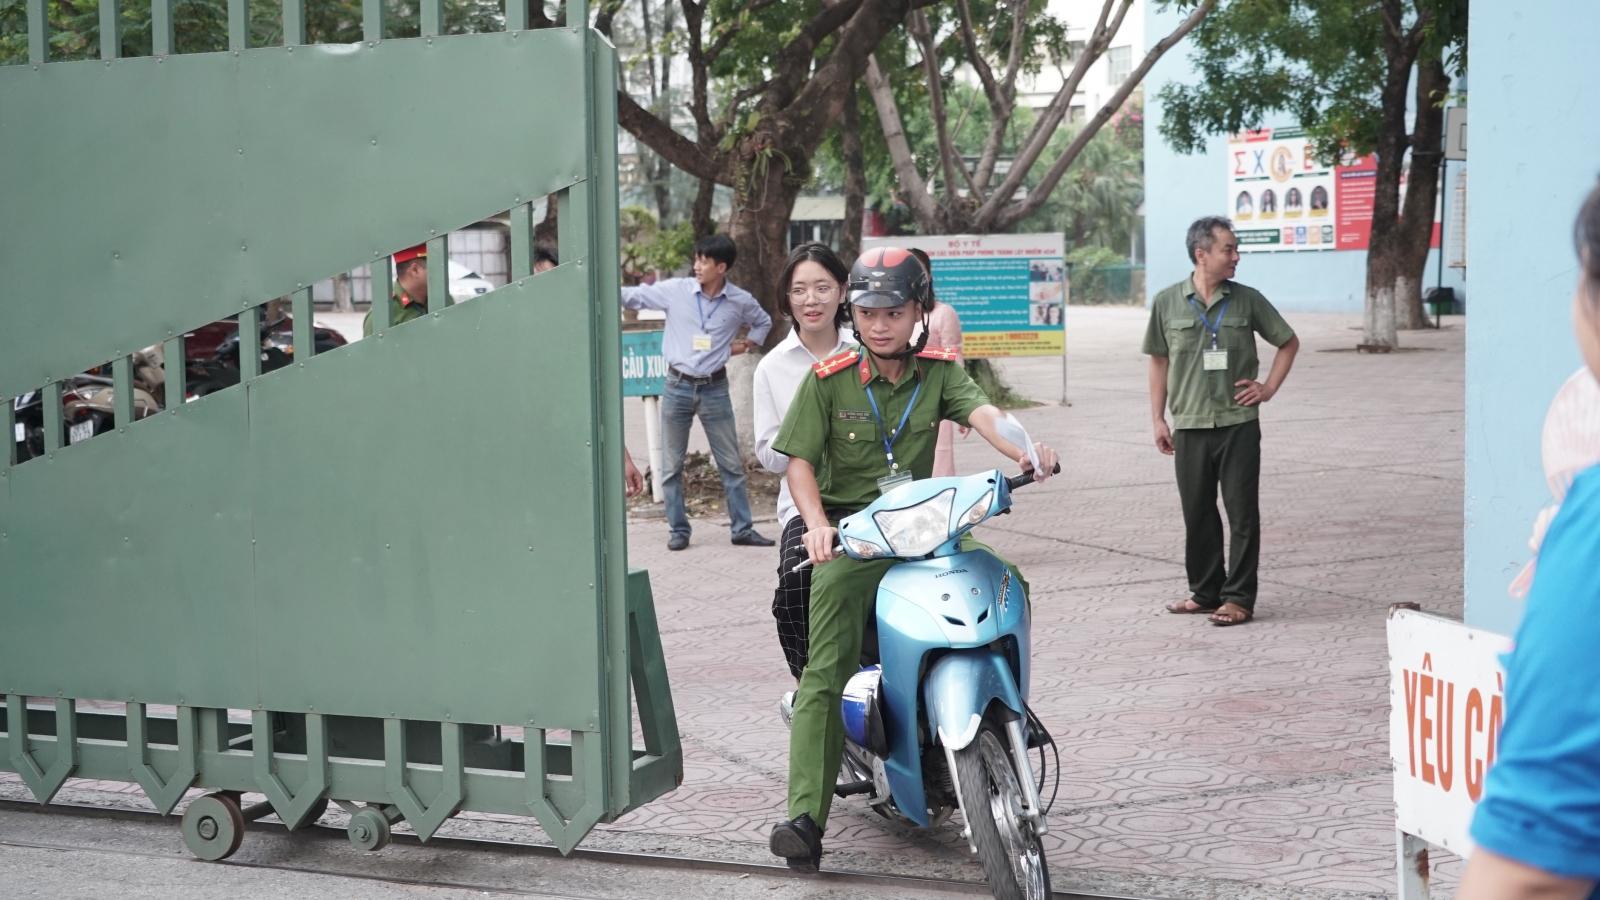 Những hình ảnh ấn tượng trong 2 ngày thi vào lớp 10 THPT tại Hà Nội